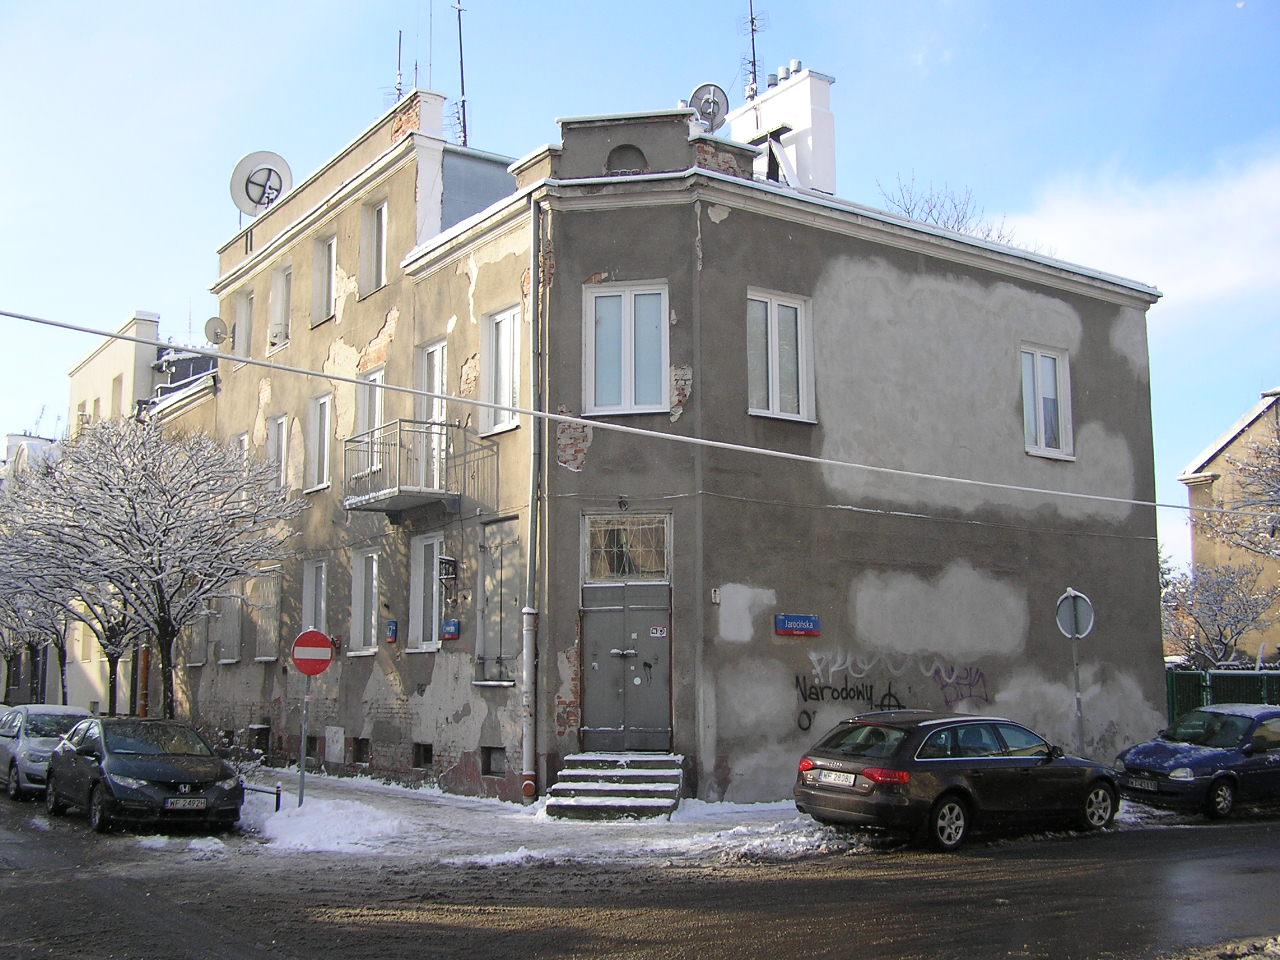 Kamienica przy ulicy Kawczej 47 na Grochowie